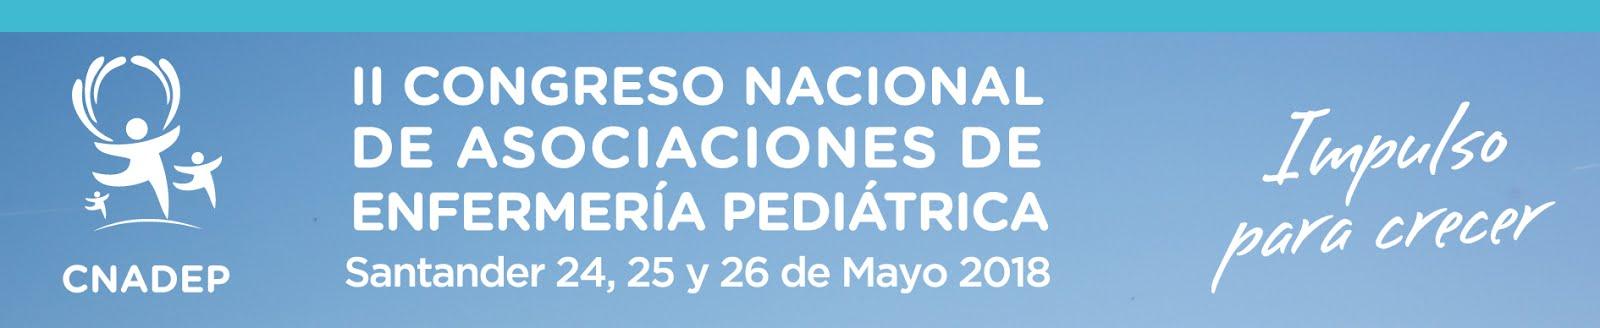 II Congreso Nacional de Asociaciones de Enfermería Pediátrica